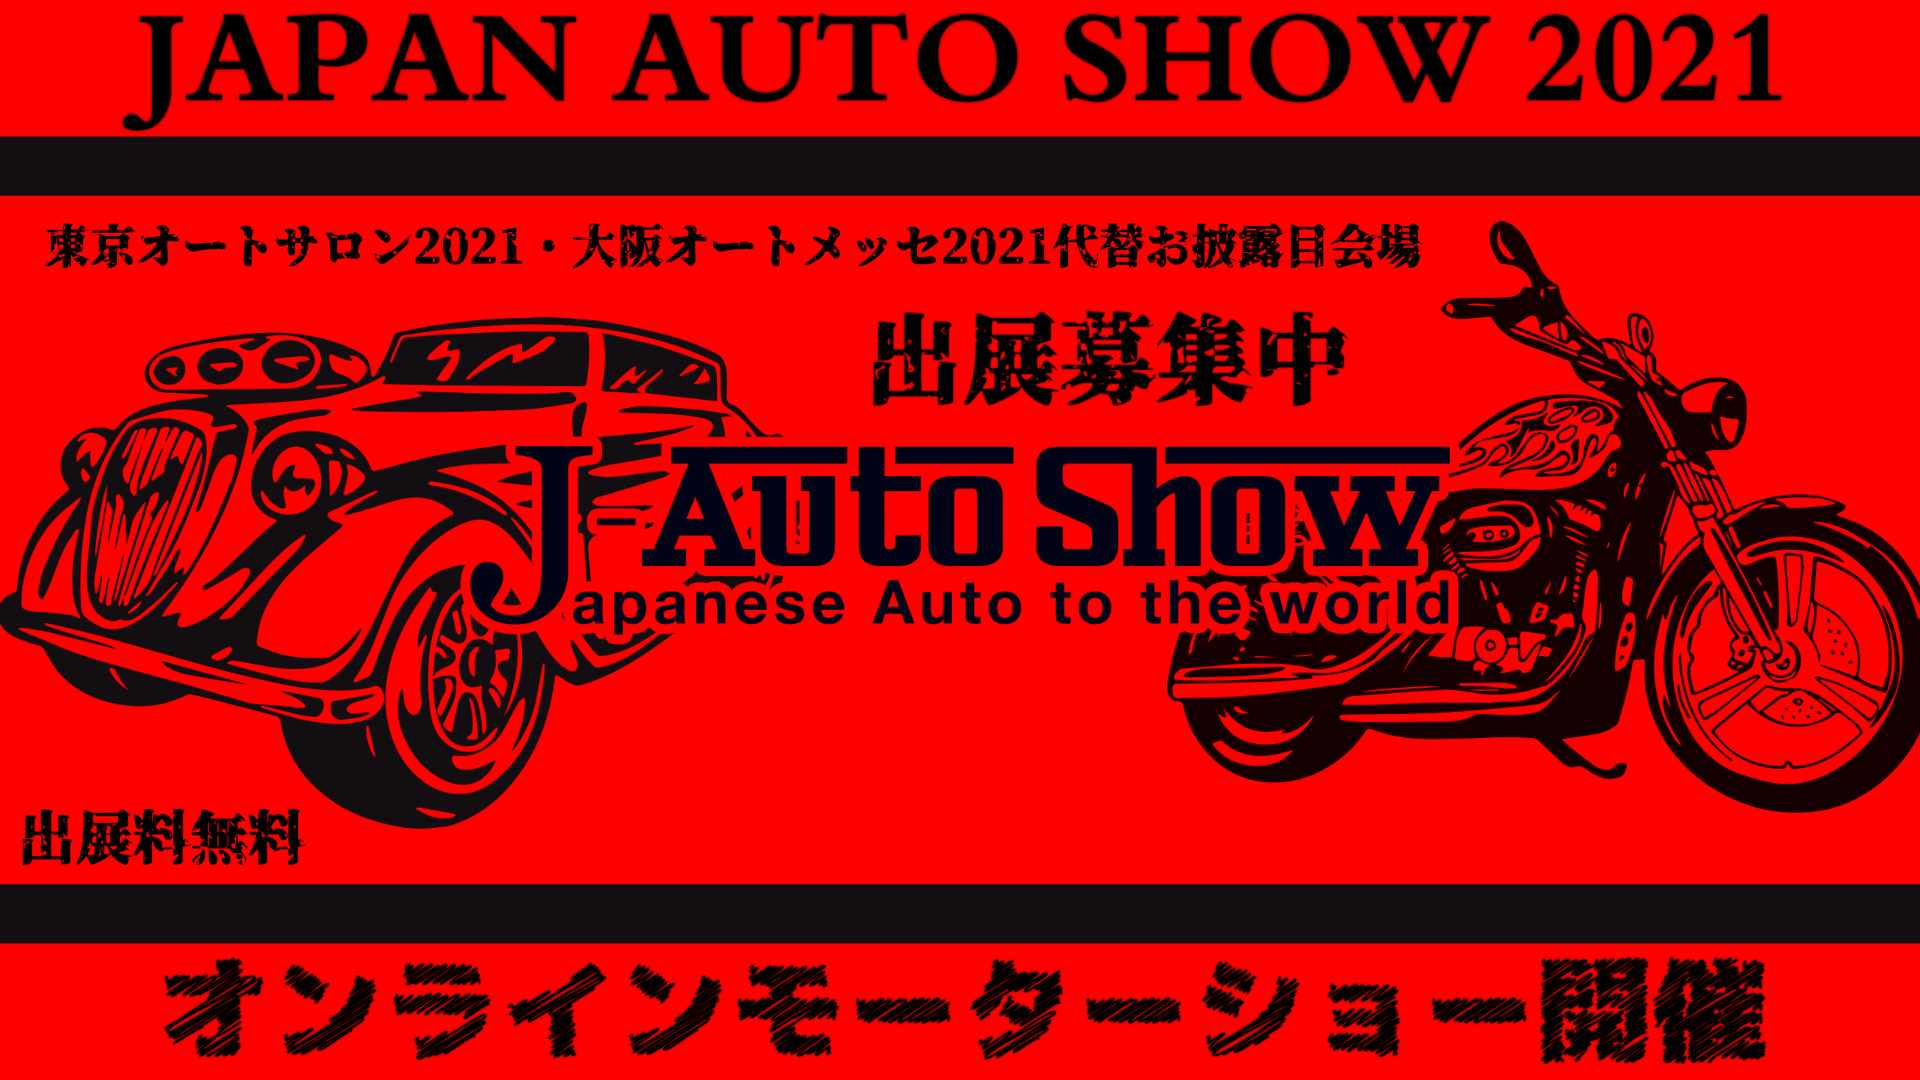 プレスリリース・JAPAN AUTO SHOW 2021 オンラインモーターショーを開催します